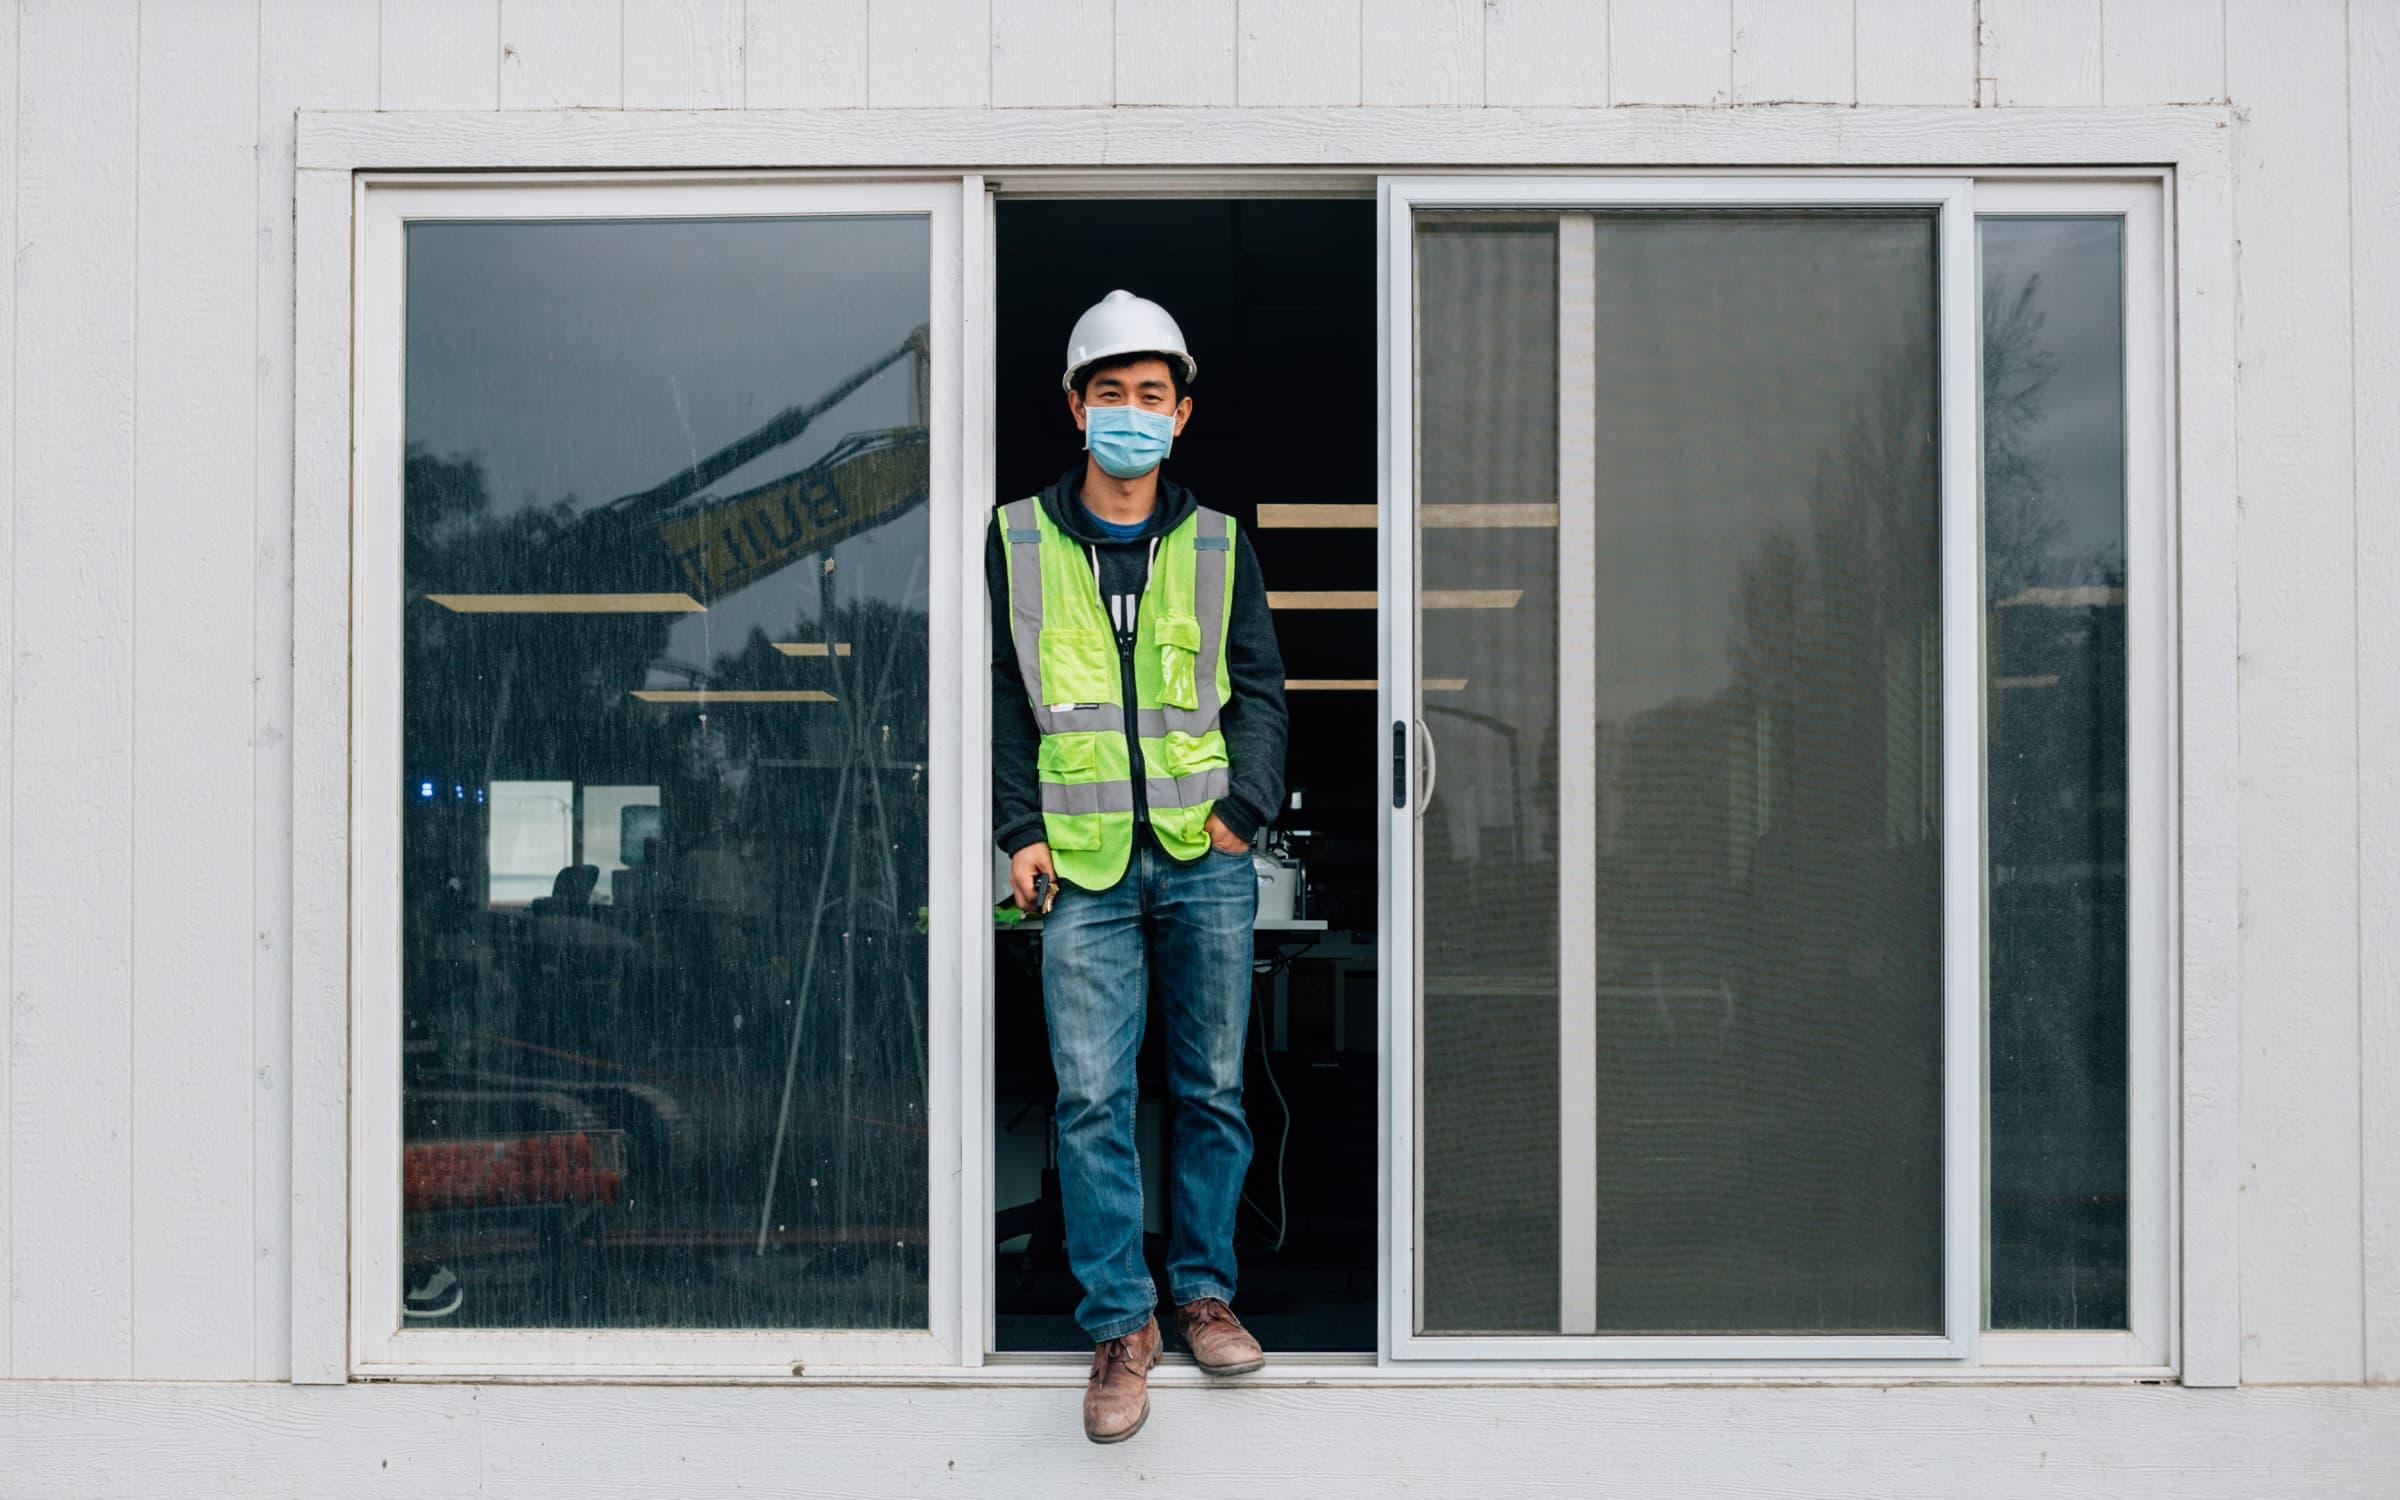 Andrew window